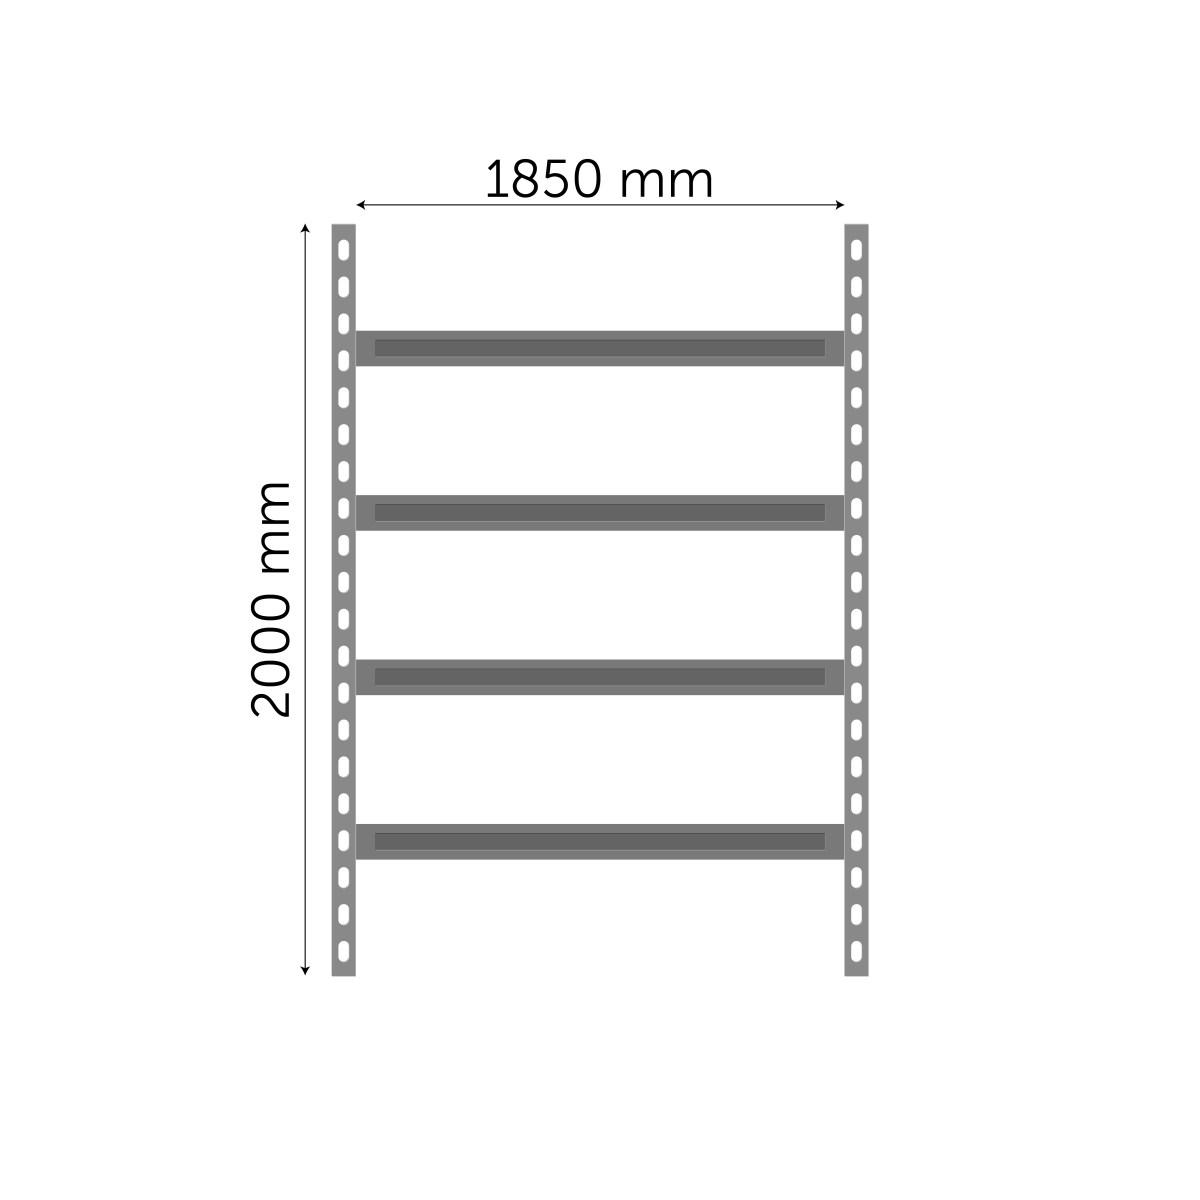 Meediumriiuli põhiosa niiskuskindel vineerplaat 2000x1850mm